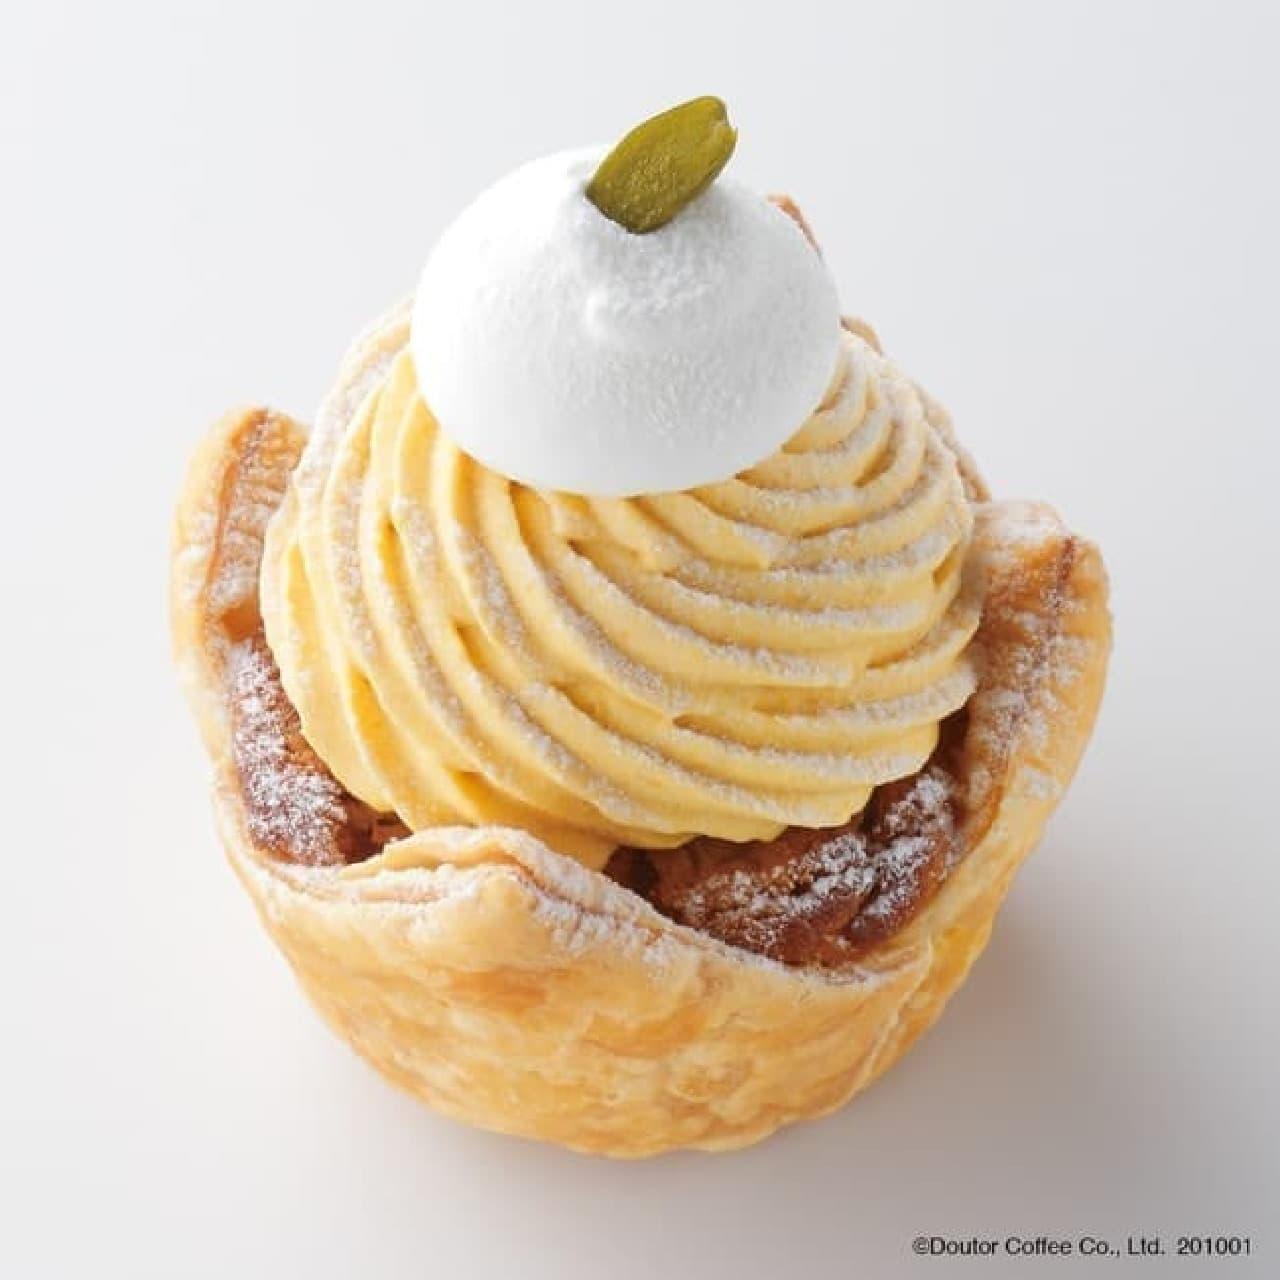 エクセルシオール カフェ「北海道産かぼちゃのパイ」